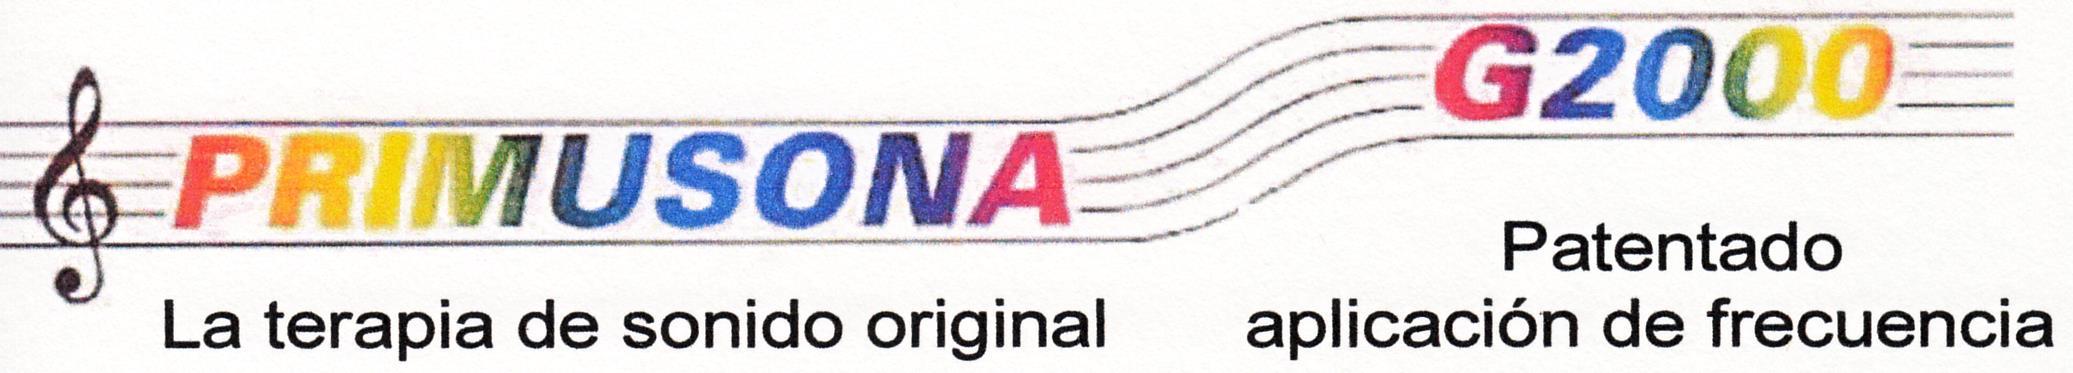 Notenzeilen Logo ES